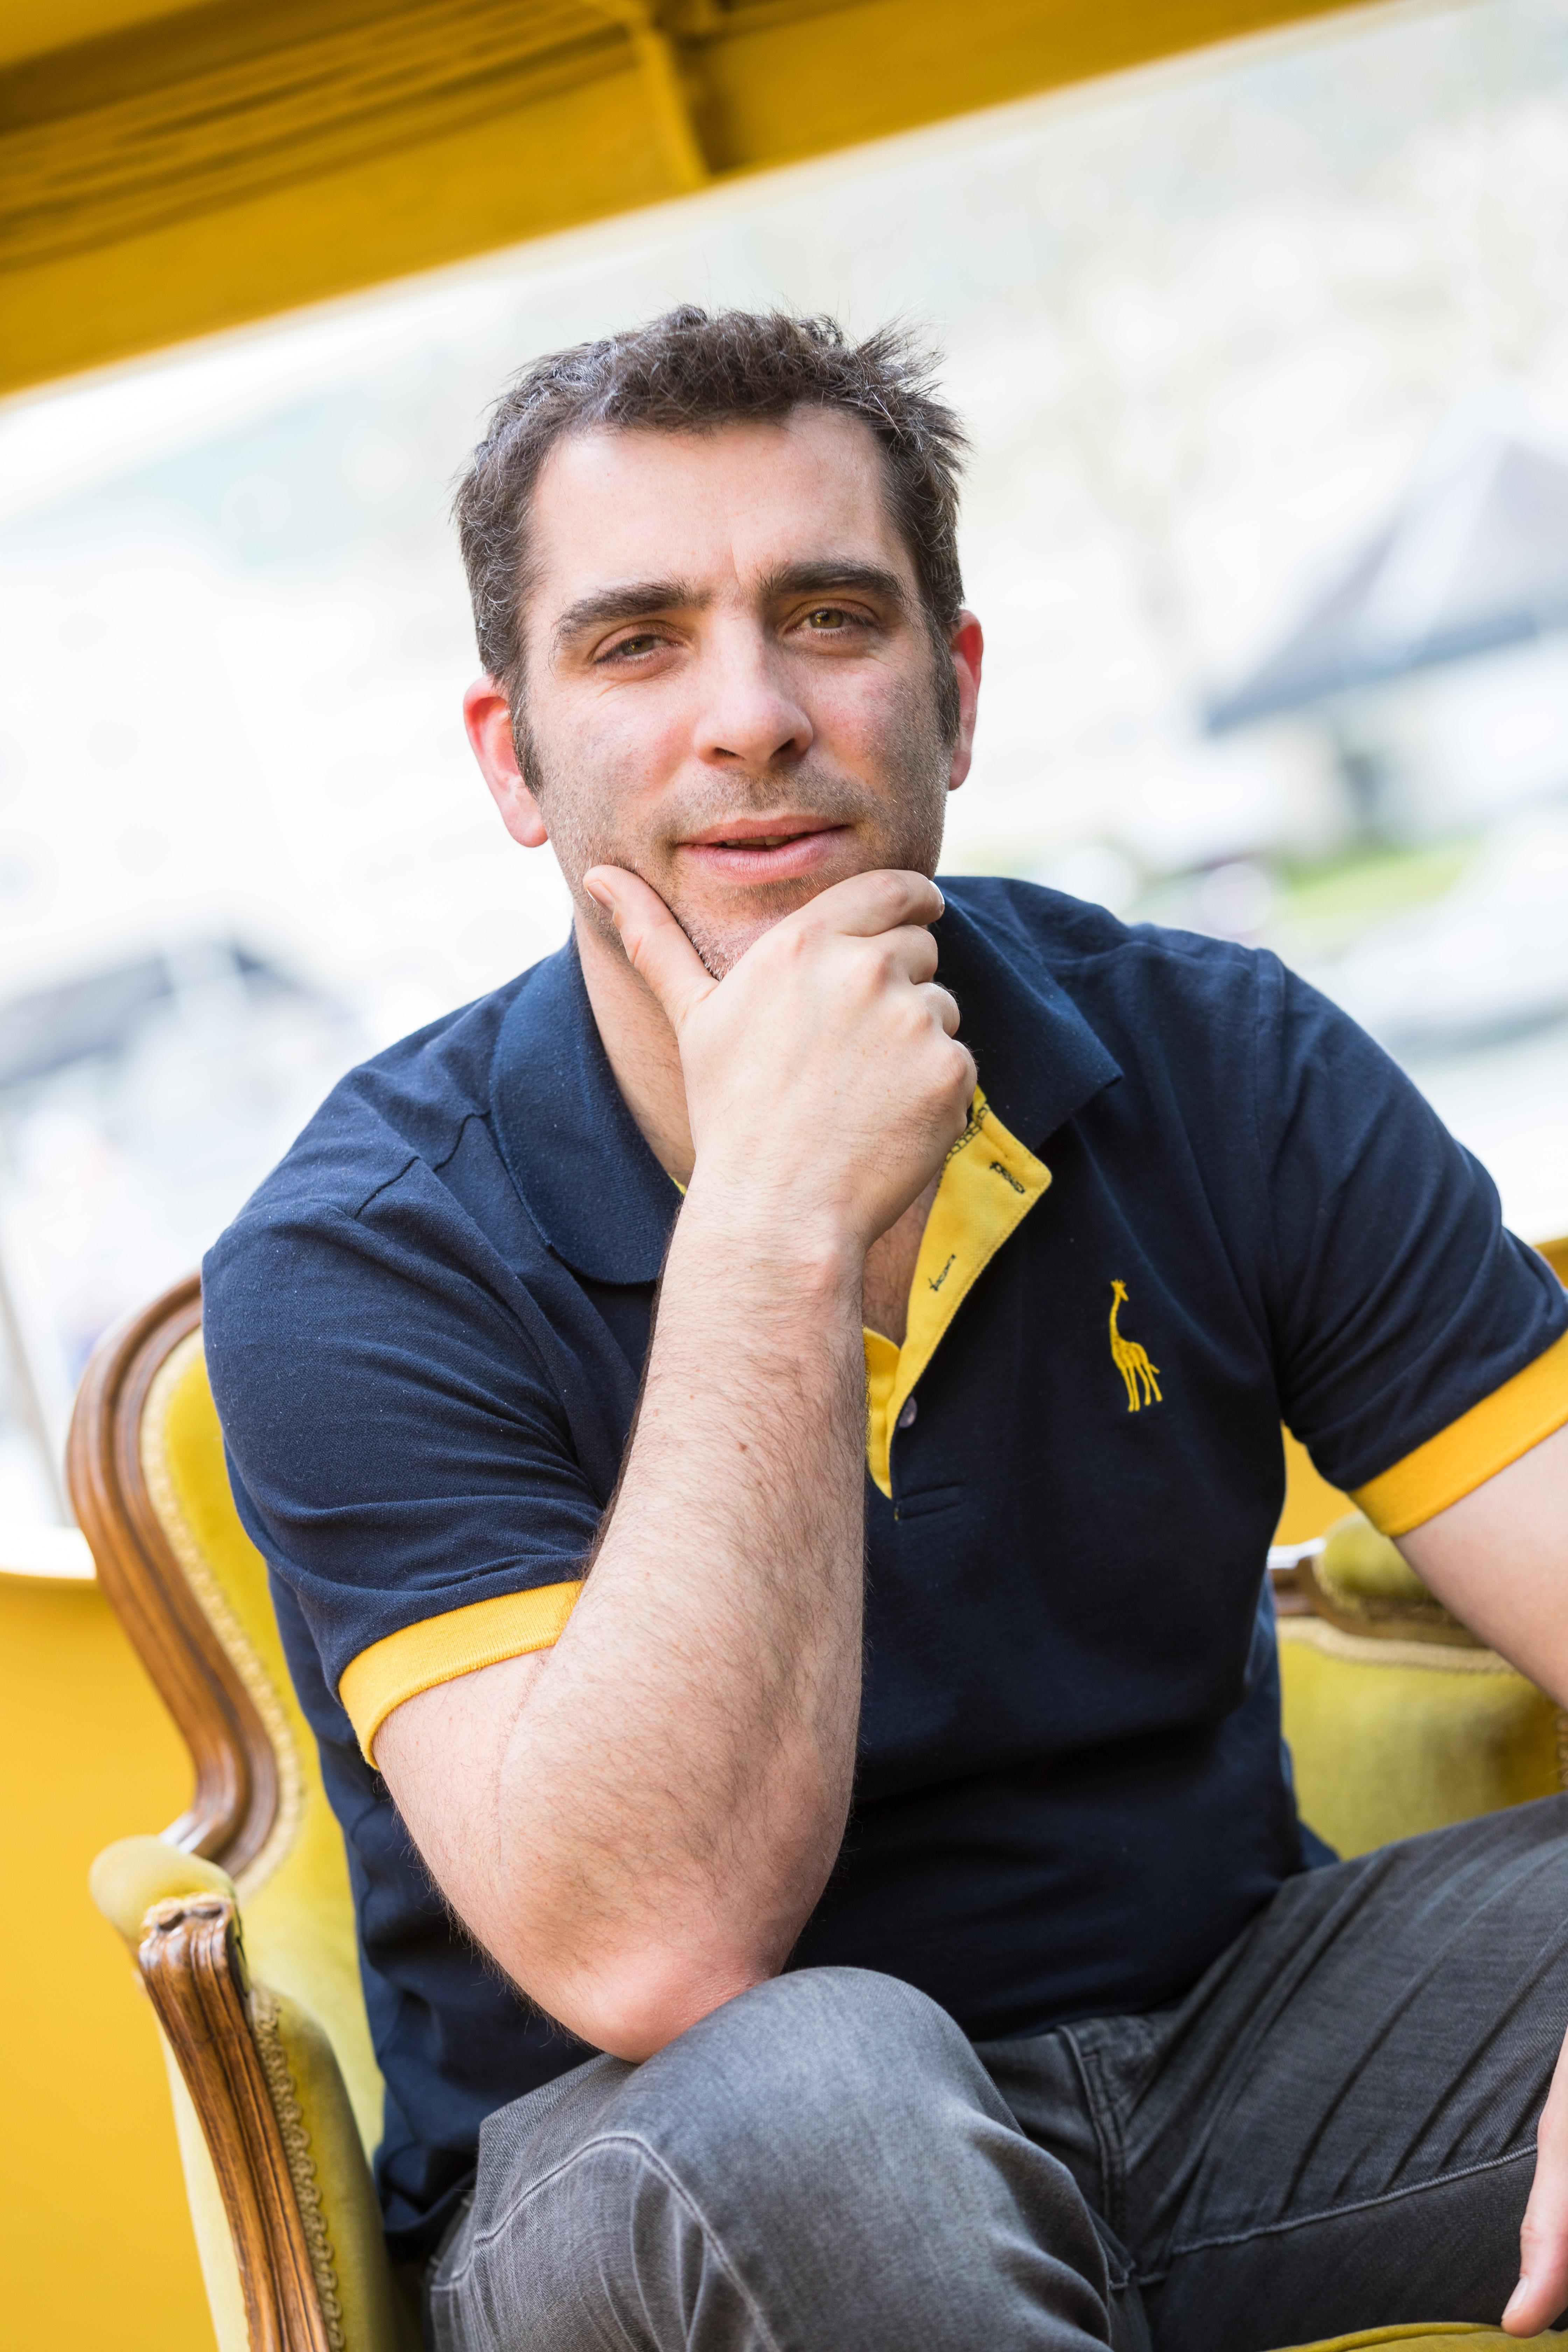 Manuel Sanson